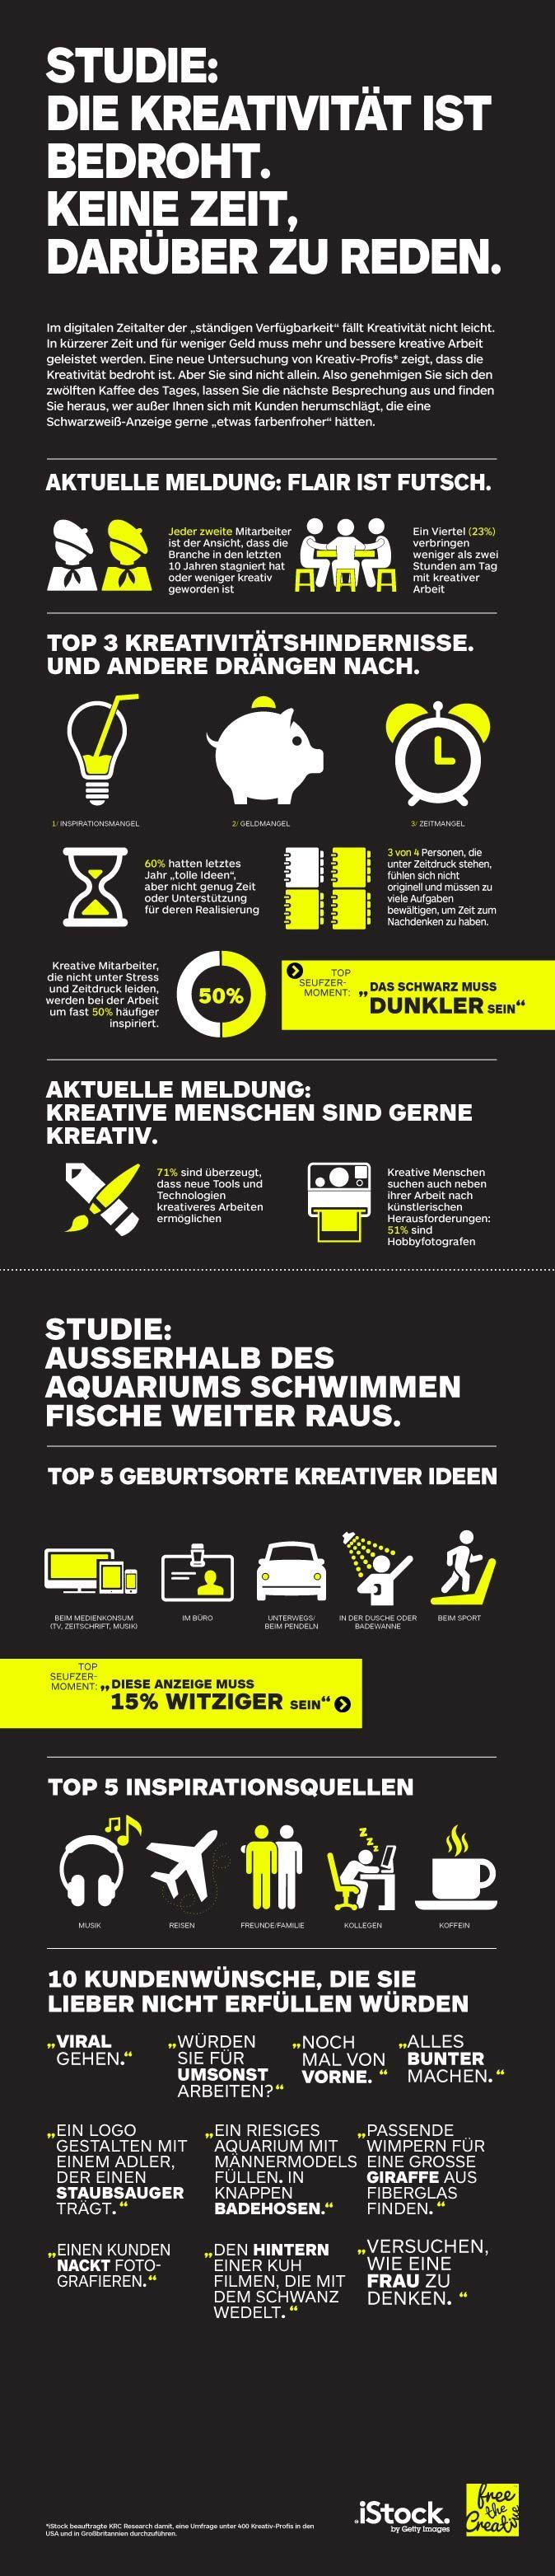 Kreativität heute: Infografik - eine Studie